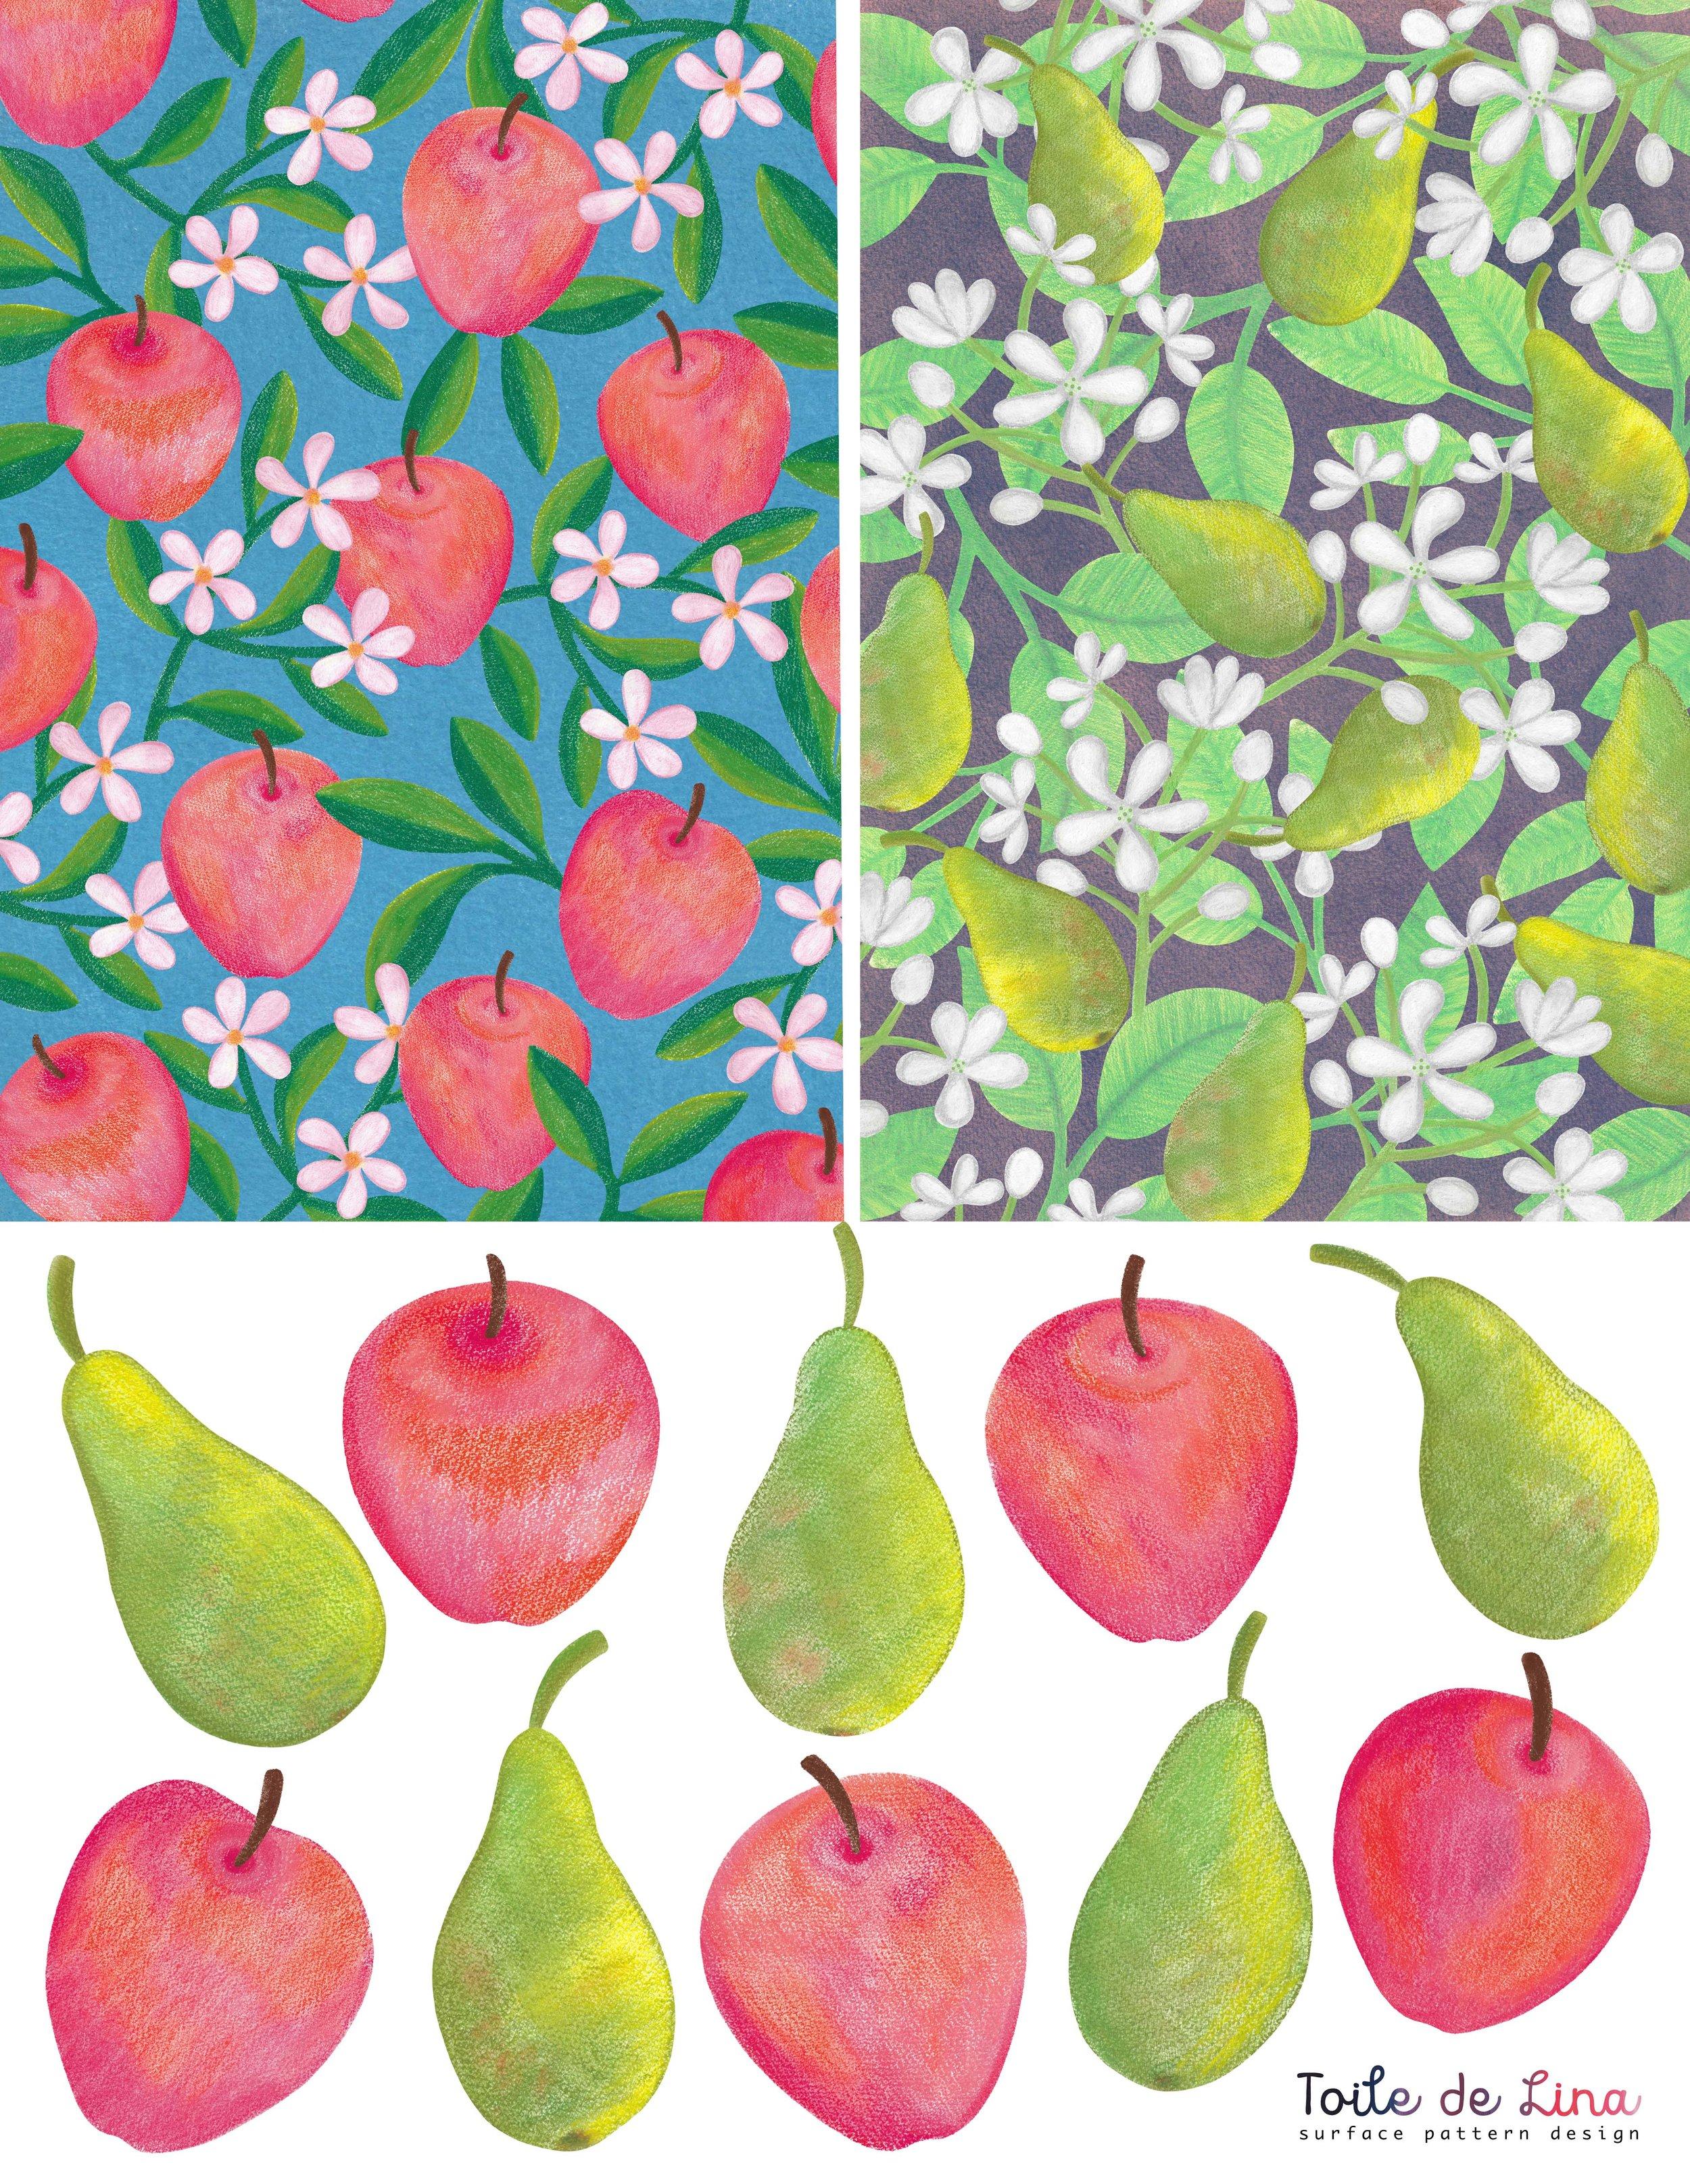 Appel & Pears.jpg